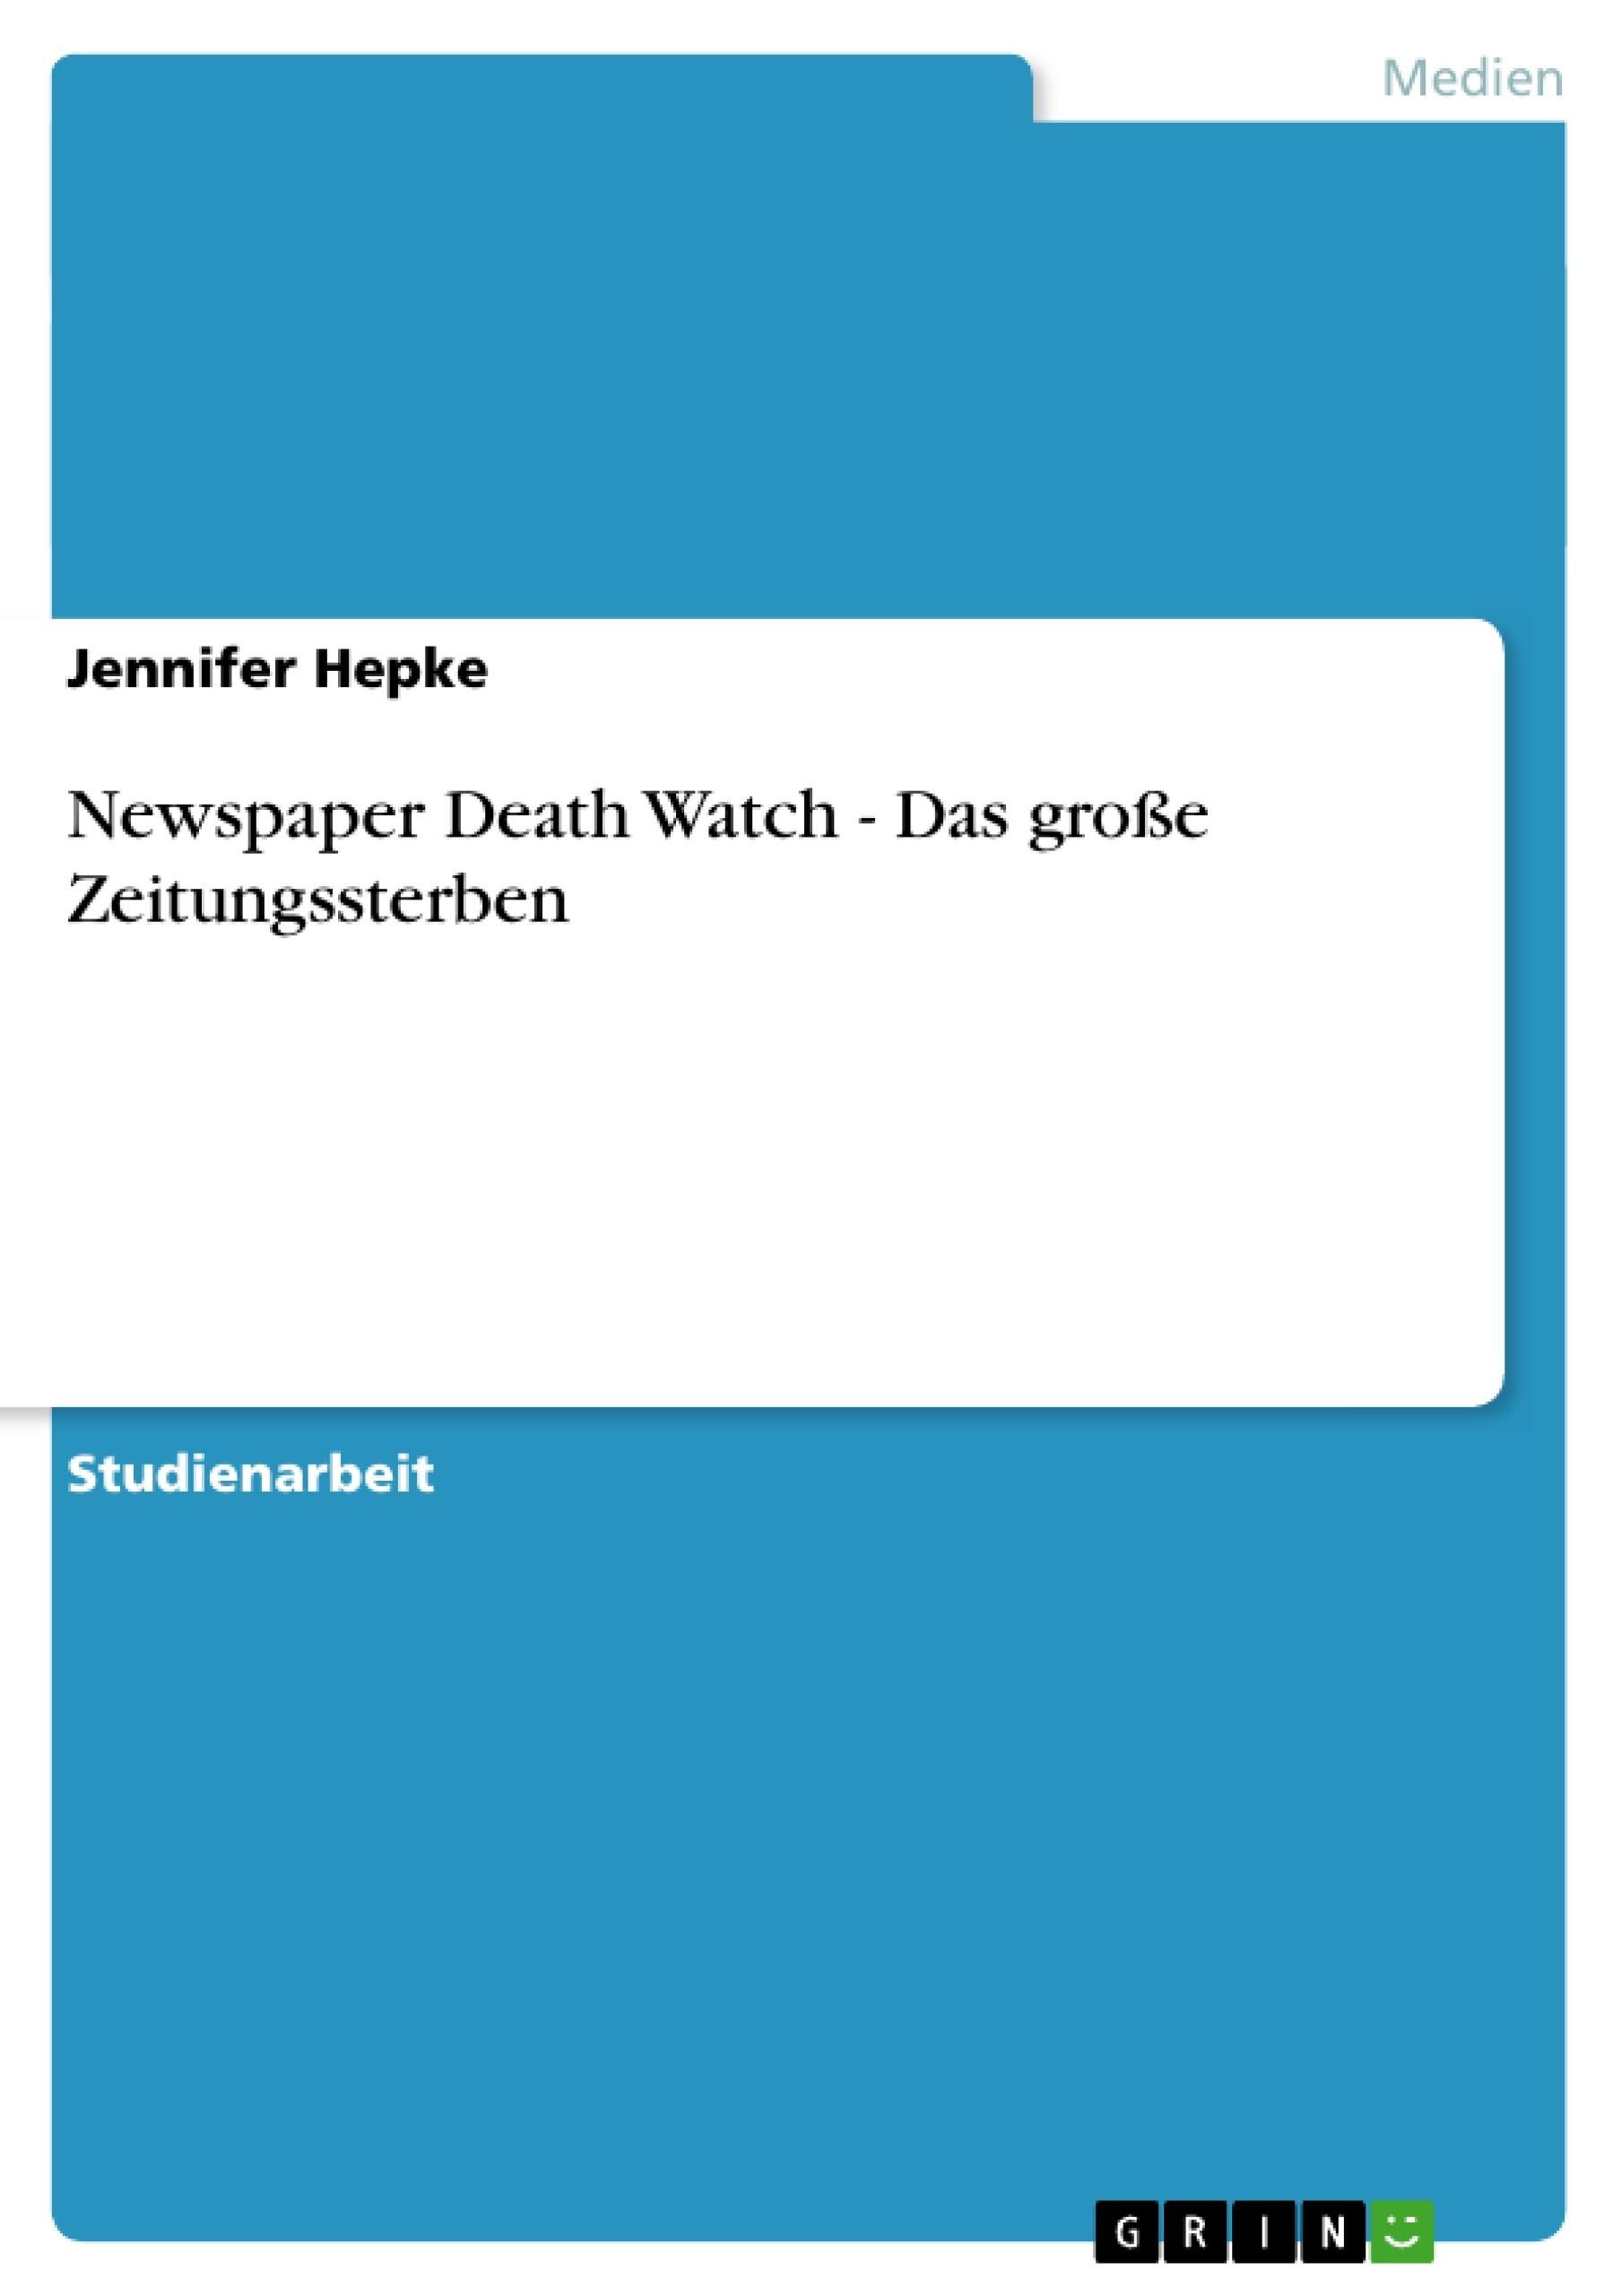 Titel: Newspaper Death Watch - Das große Zeitungssterben